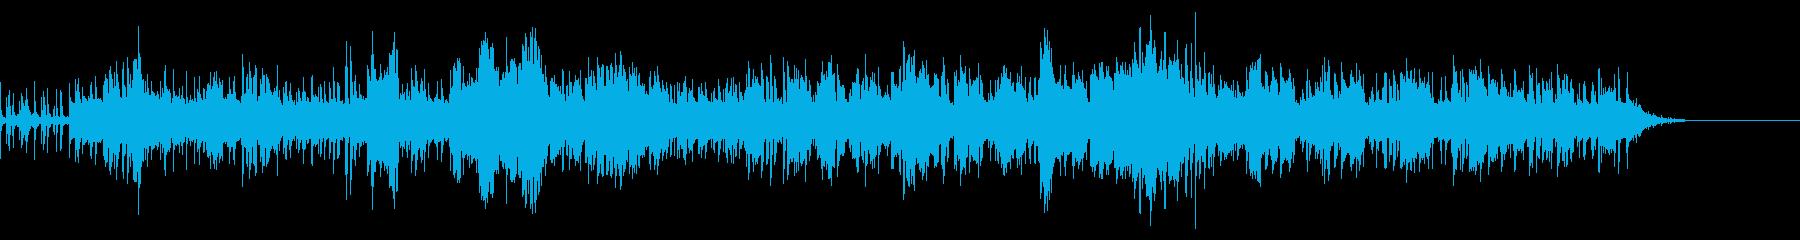 ソプラノsax子供voiceで暗funkの再生済みの波形